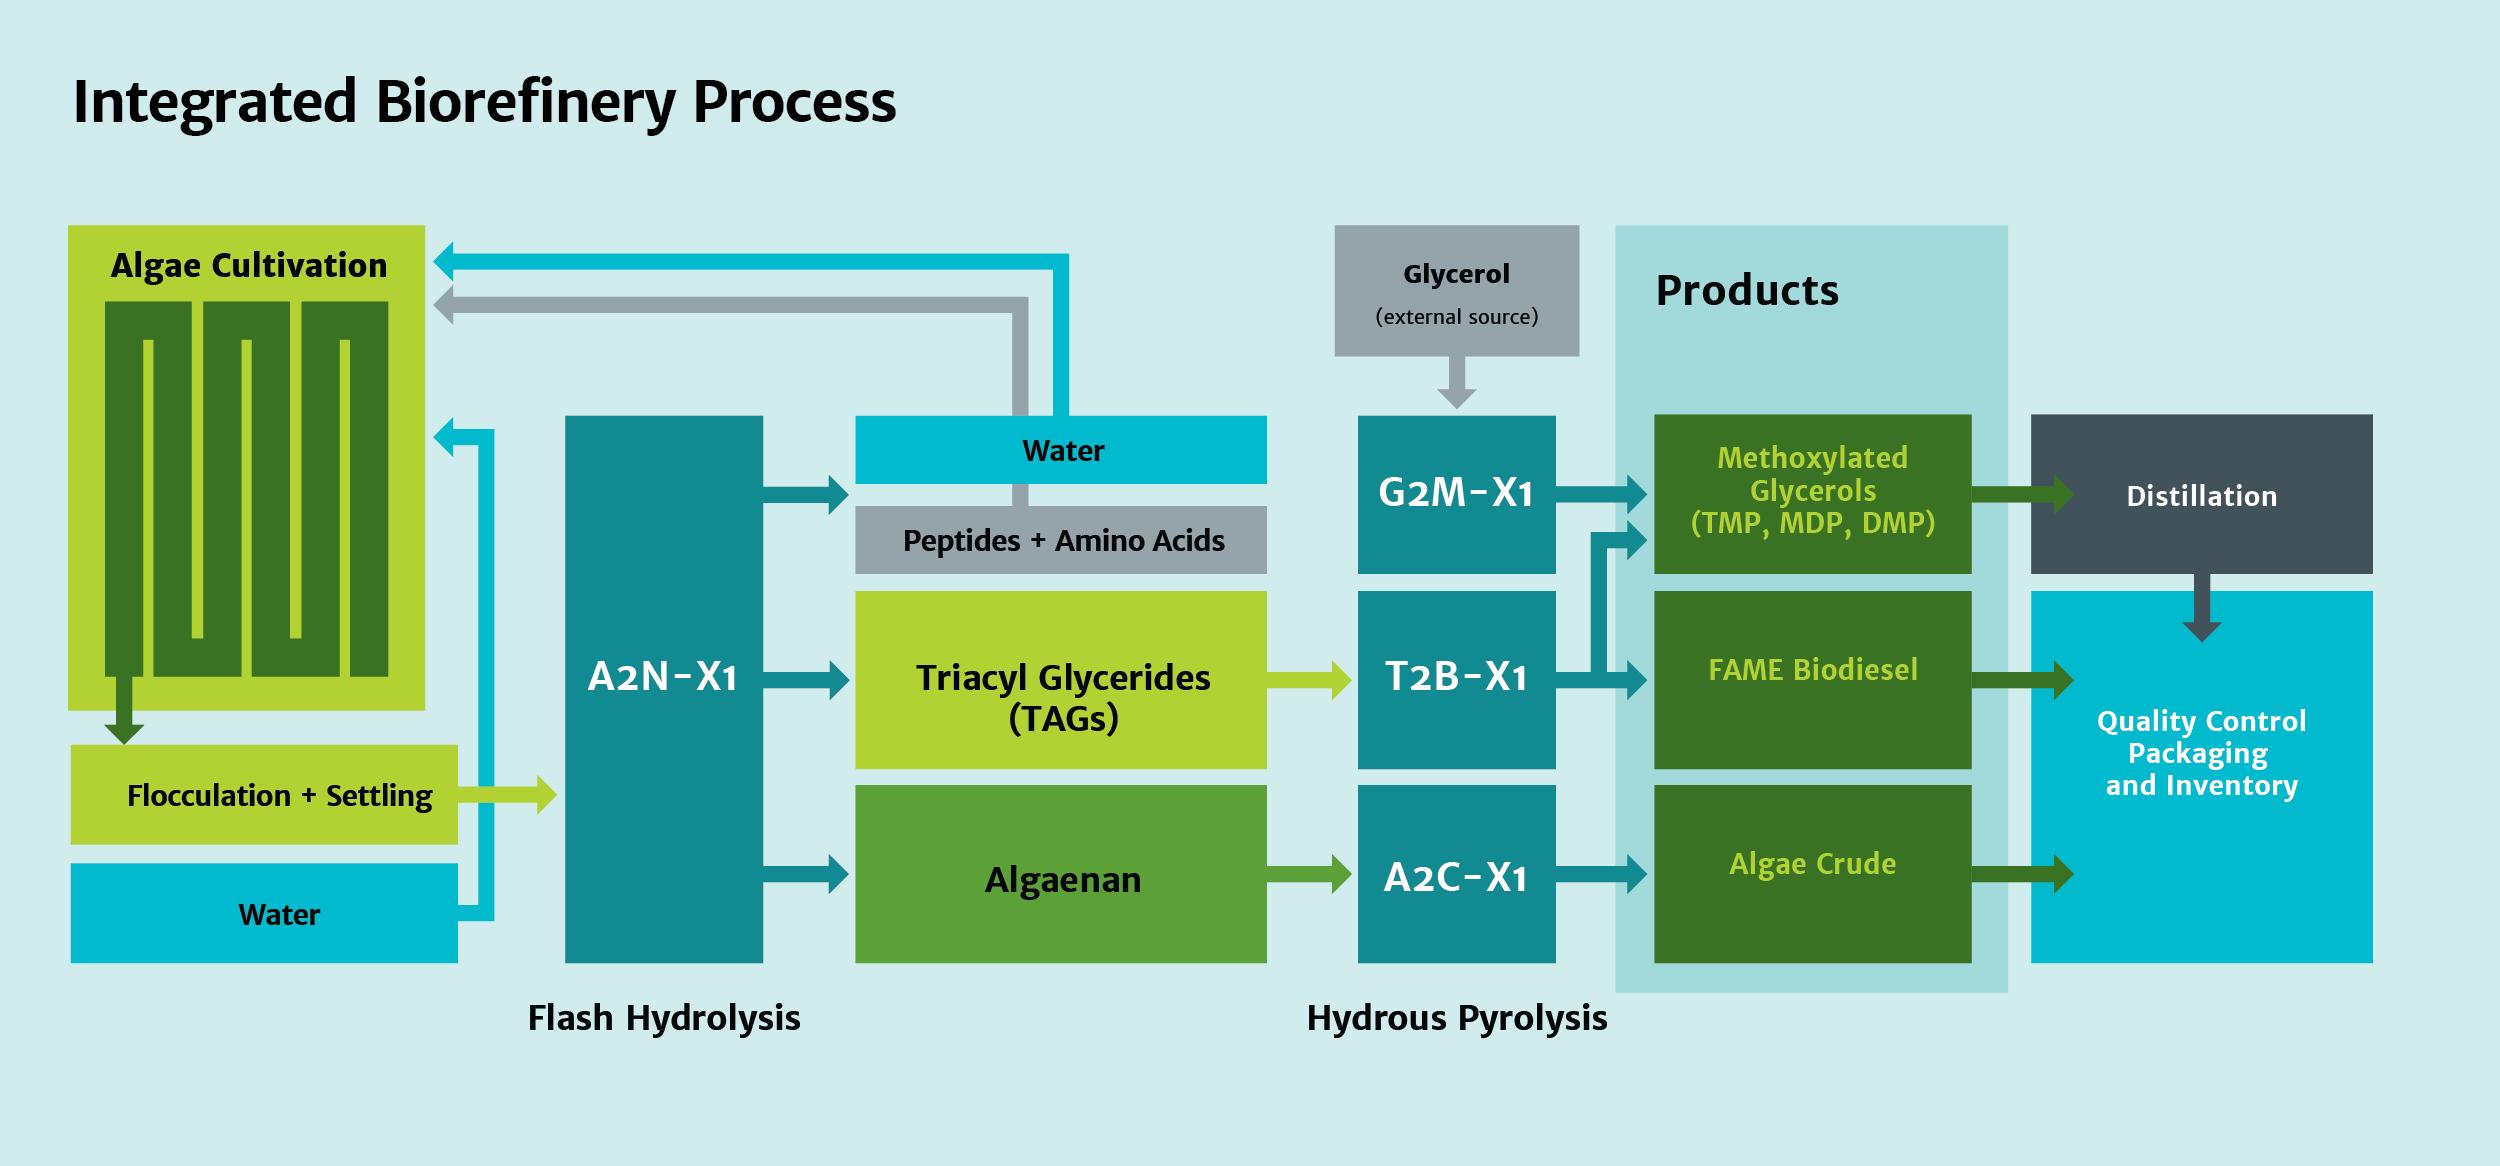 ALG_Diagram.png